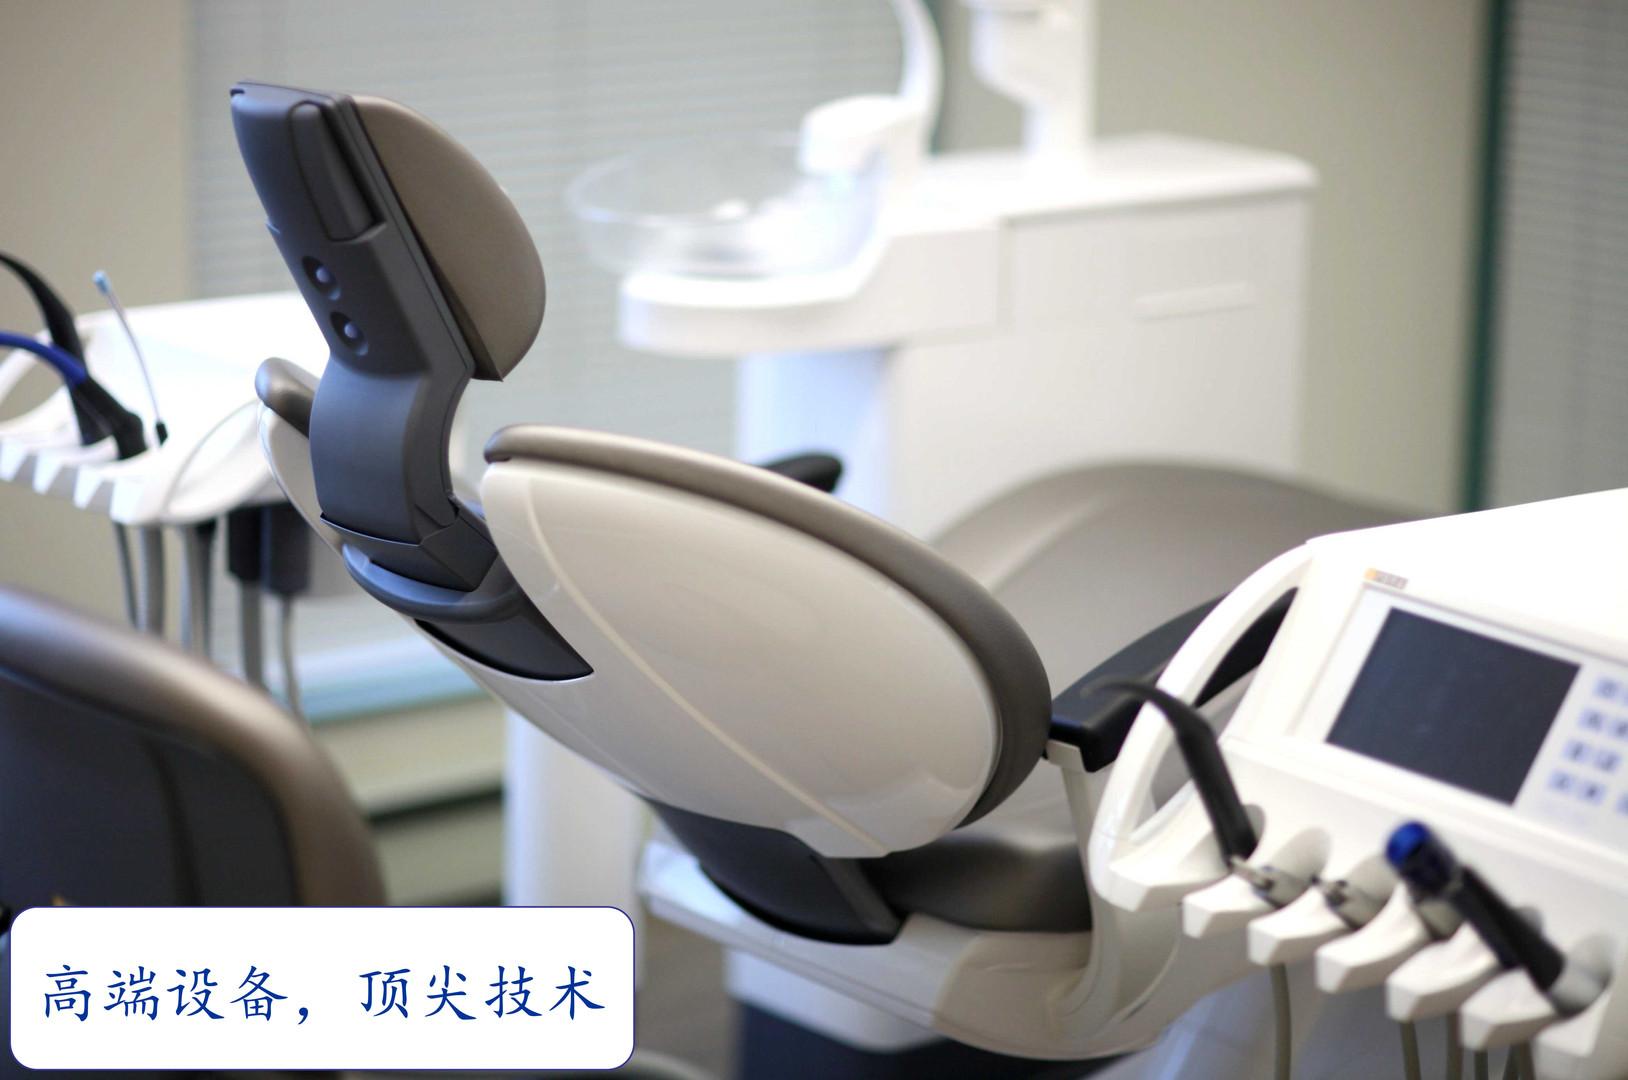 高端牙科治疗椅